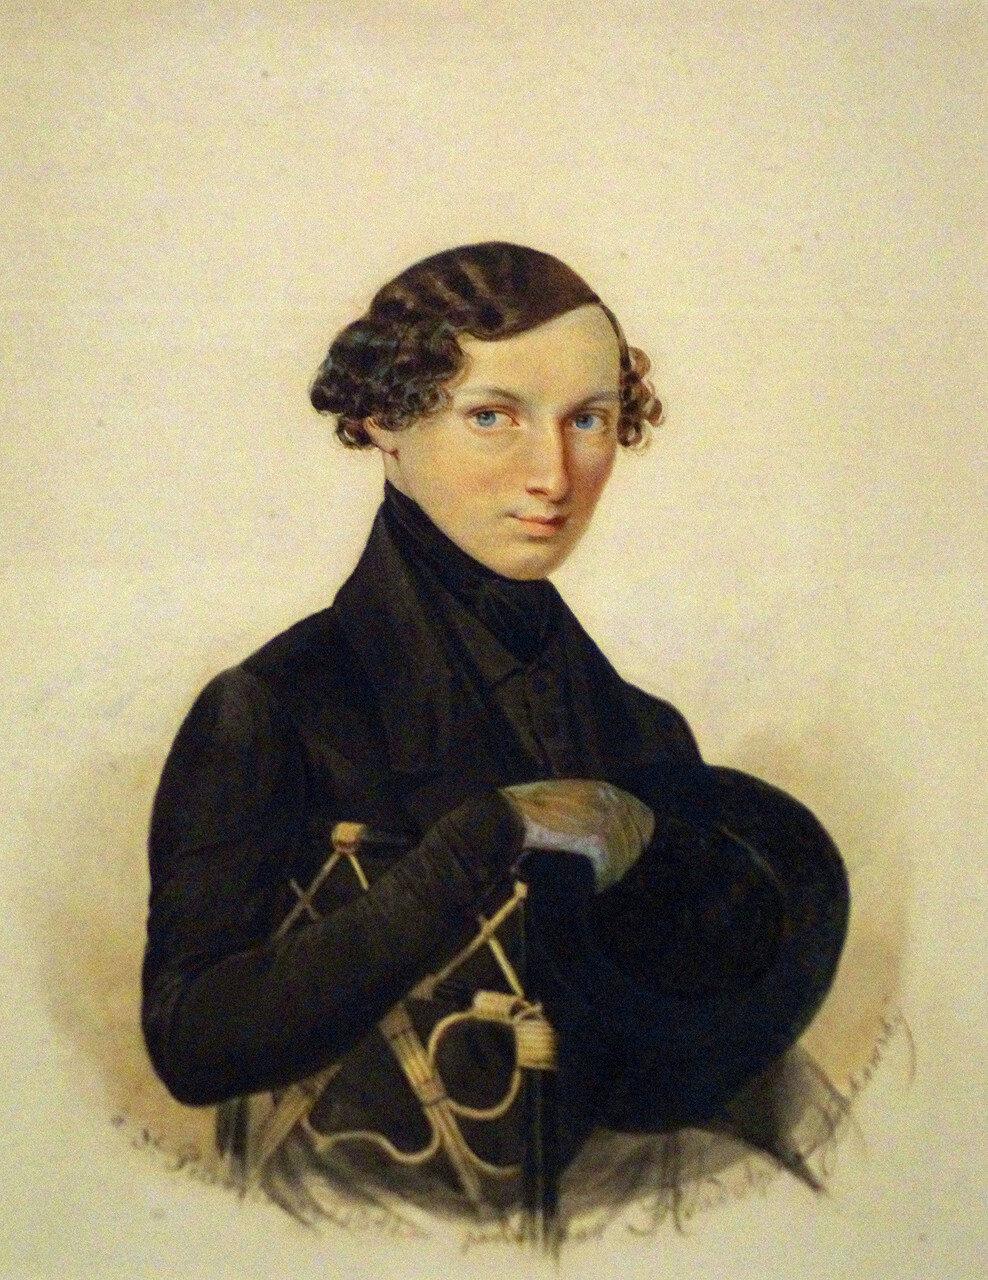 Рудольф Казимирович Жуковский. Портрет князя Н.М. Дондукова-Корсакова. 1841